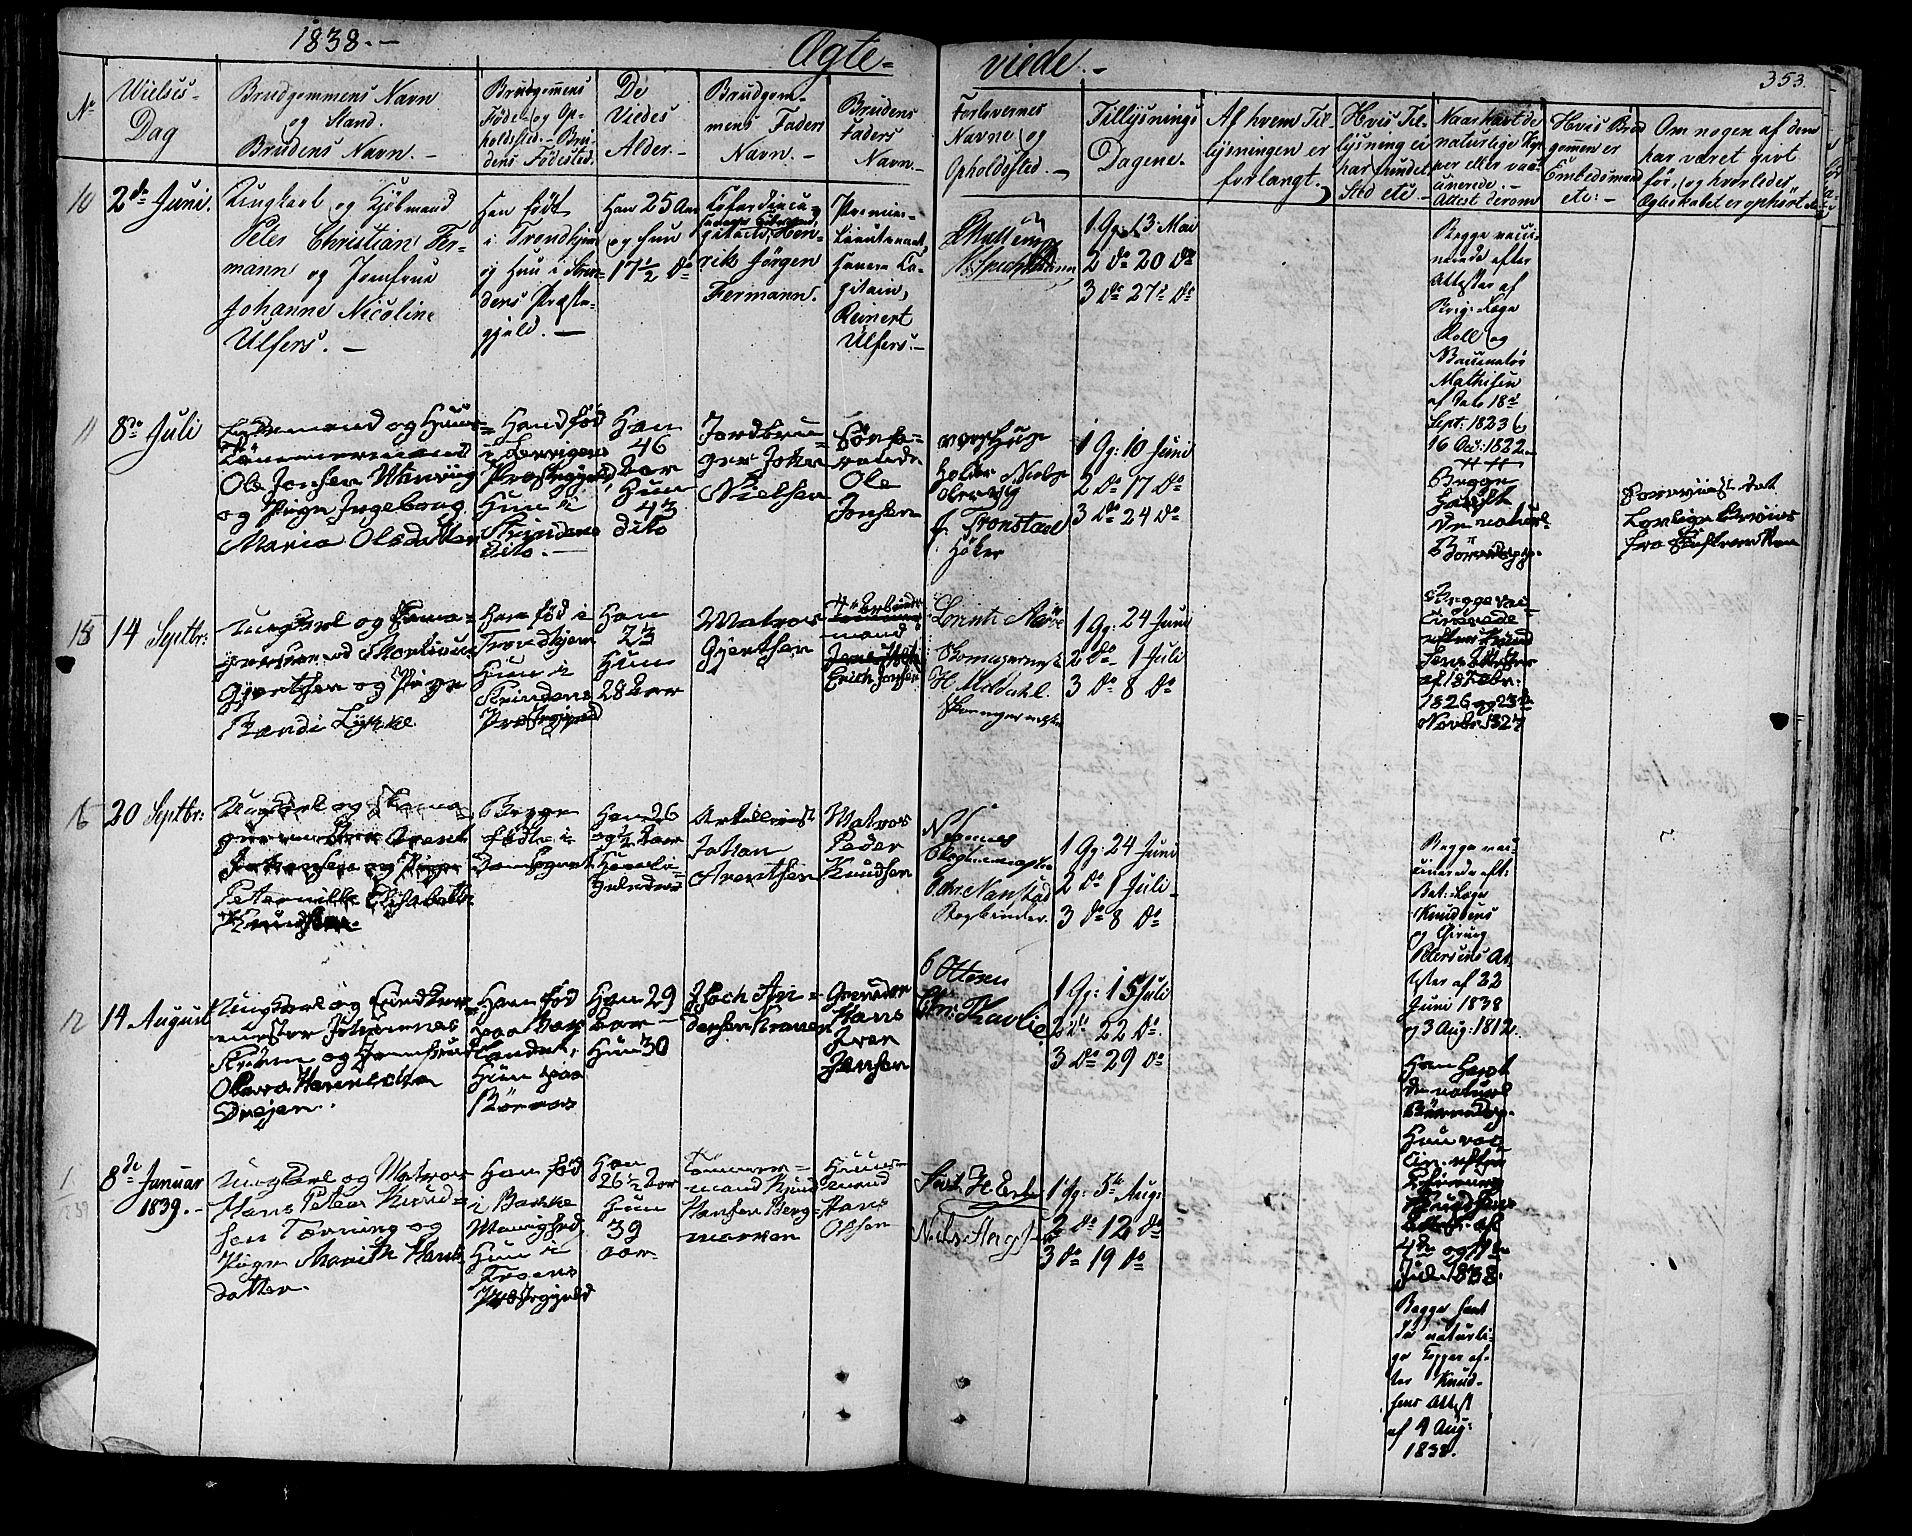 SAT, Ministerialprotokoller, klokkerbøker og fødselsregistre - Sør-Trøndelag, 602/L0109: Ministerialbok nr. 602A07, 1821-1840, s. 353